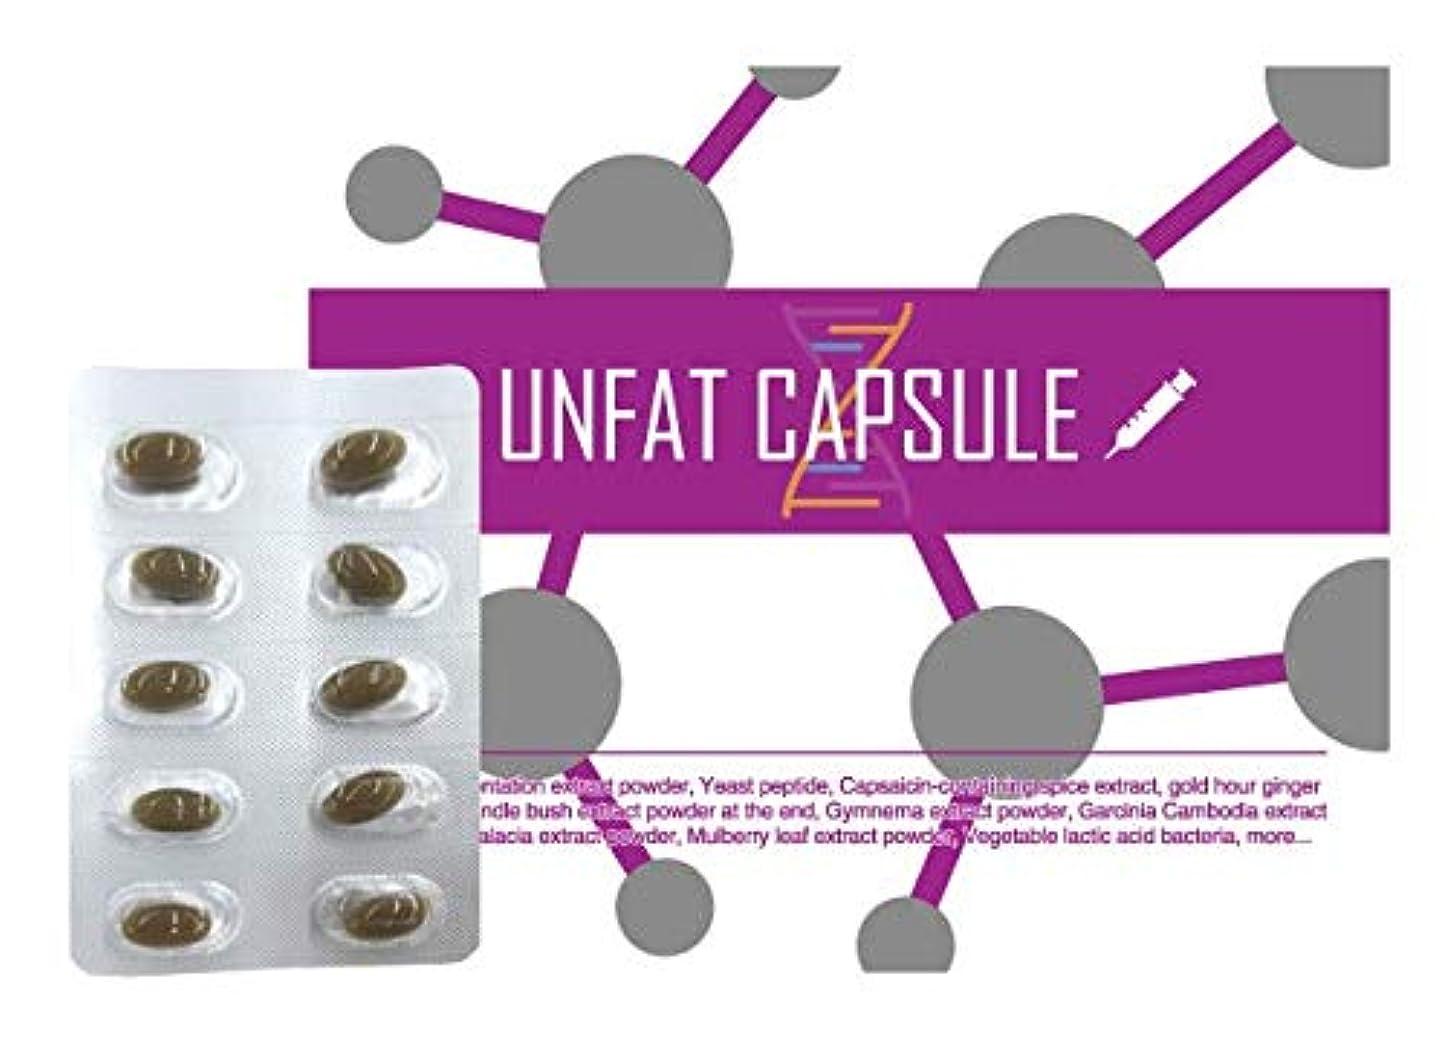 不適四半期最適アンファットカプセル (1) / サプリメント ビタミンC アルギニン 栄養補助食品